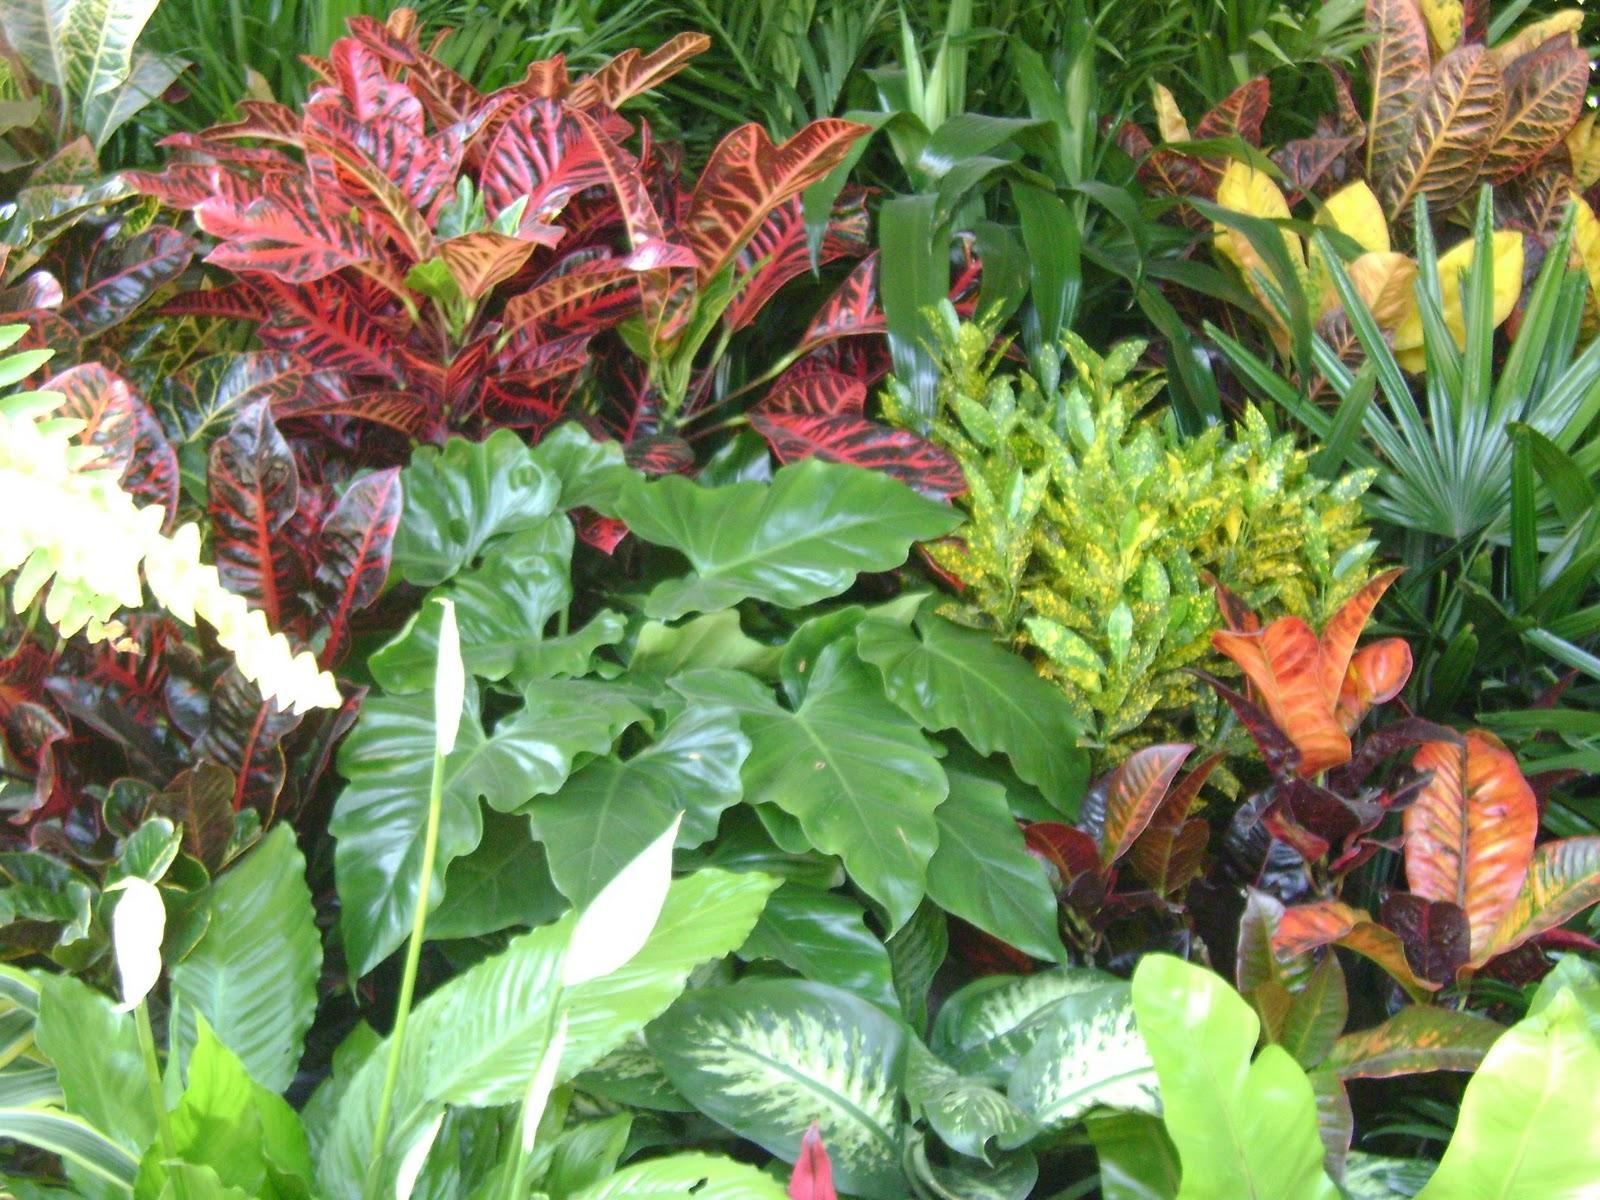 Pin jardin zen decoracion centro mesa bodas cotillon - Plantas para jardin zen ...